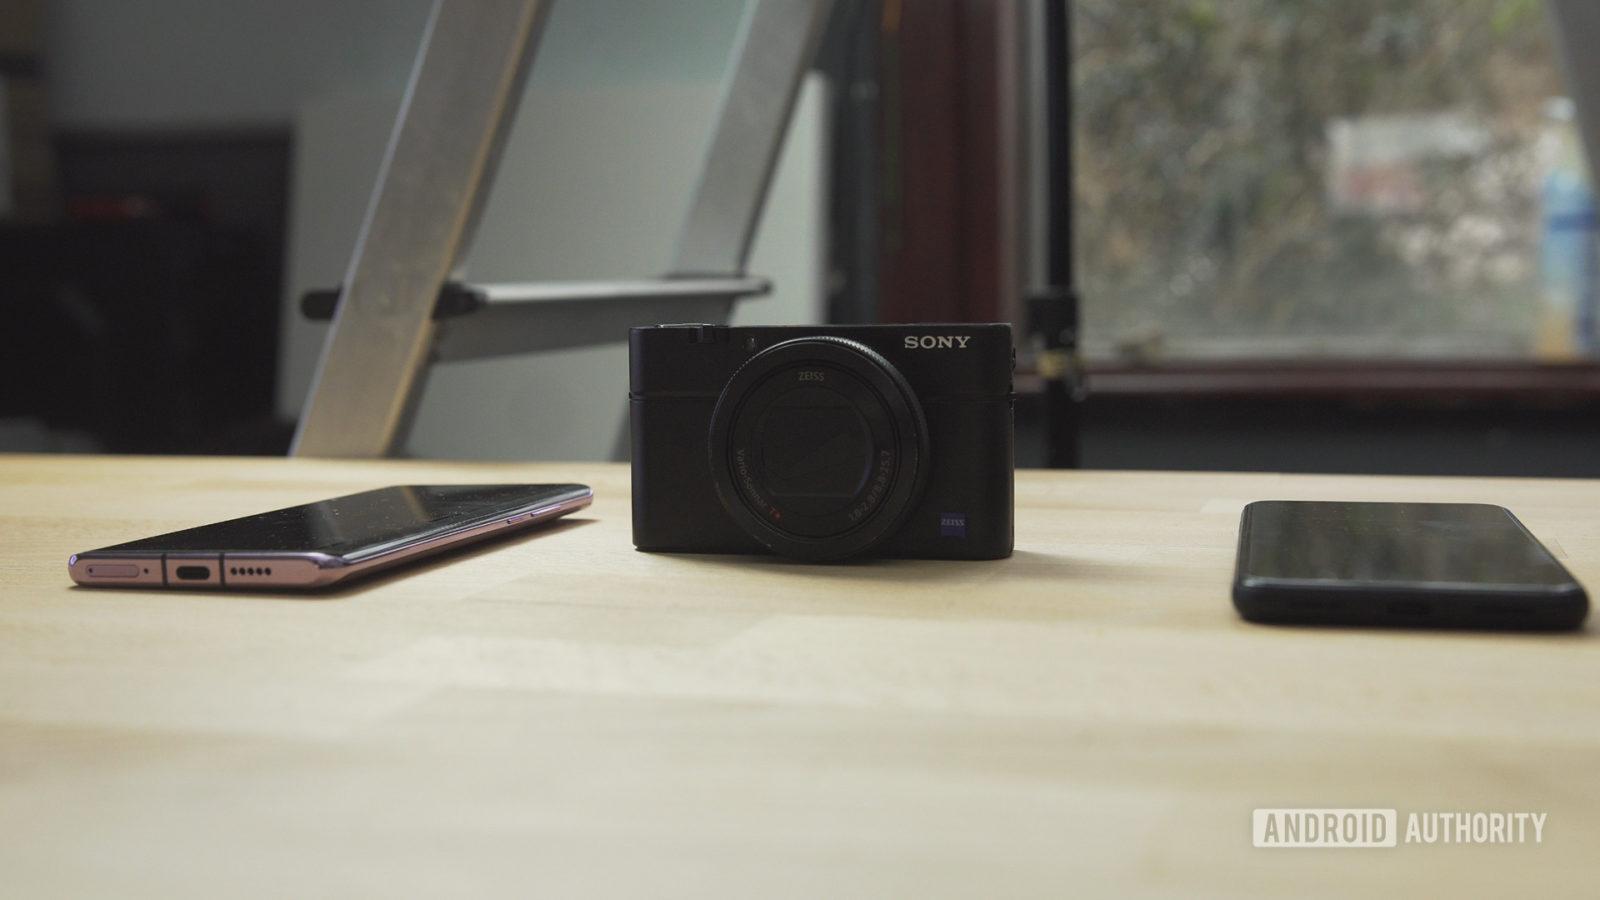 P30 Pro vs RX100 vs Pixel 4 camera stood up - Compact camera vs smartphone